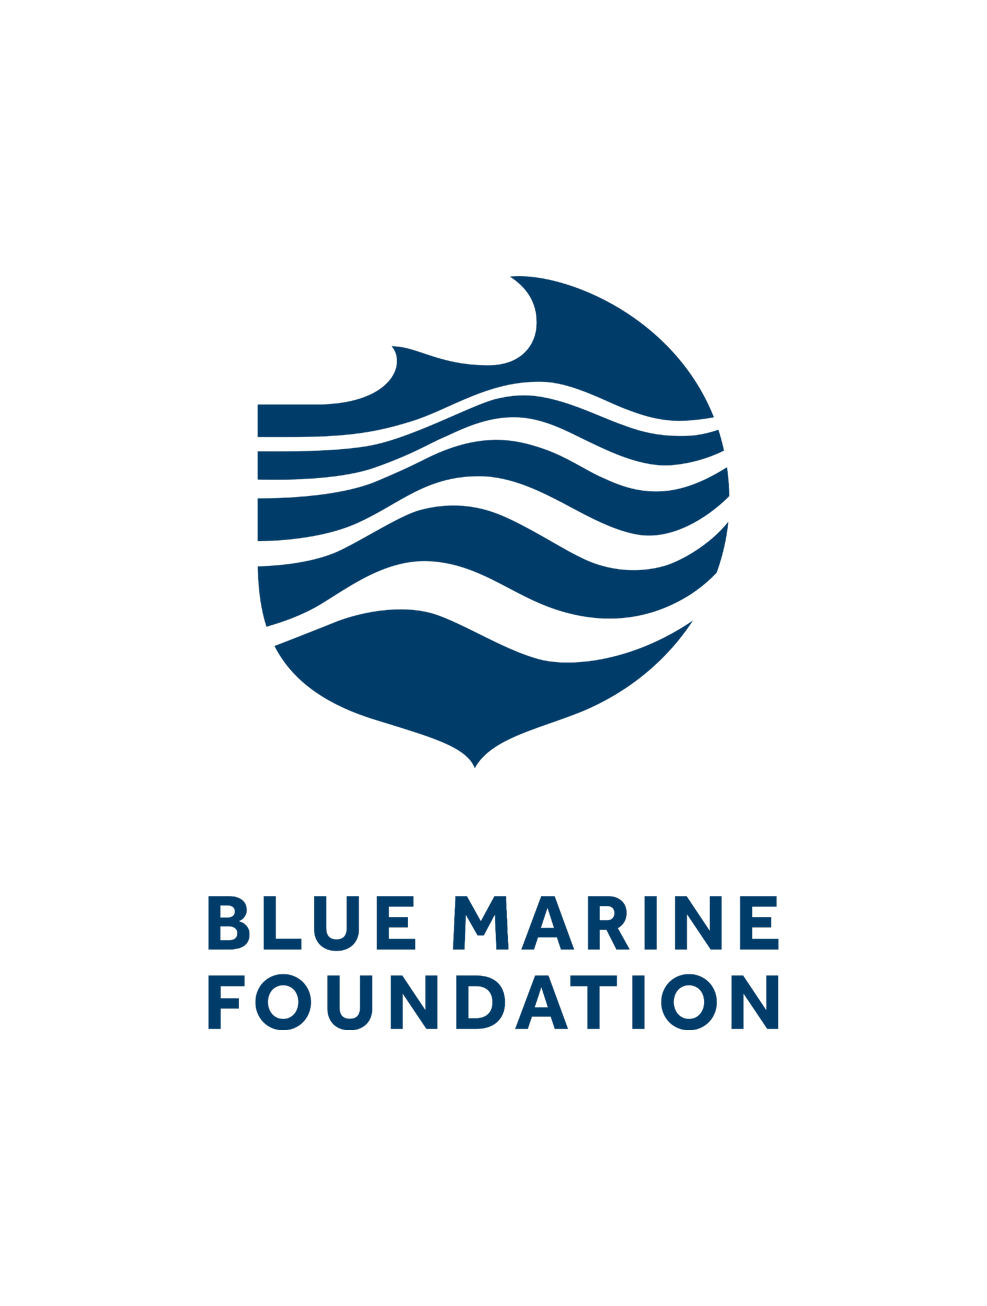 Blue-marine-logo-padded